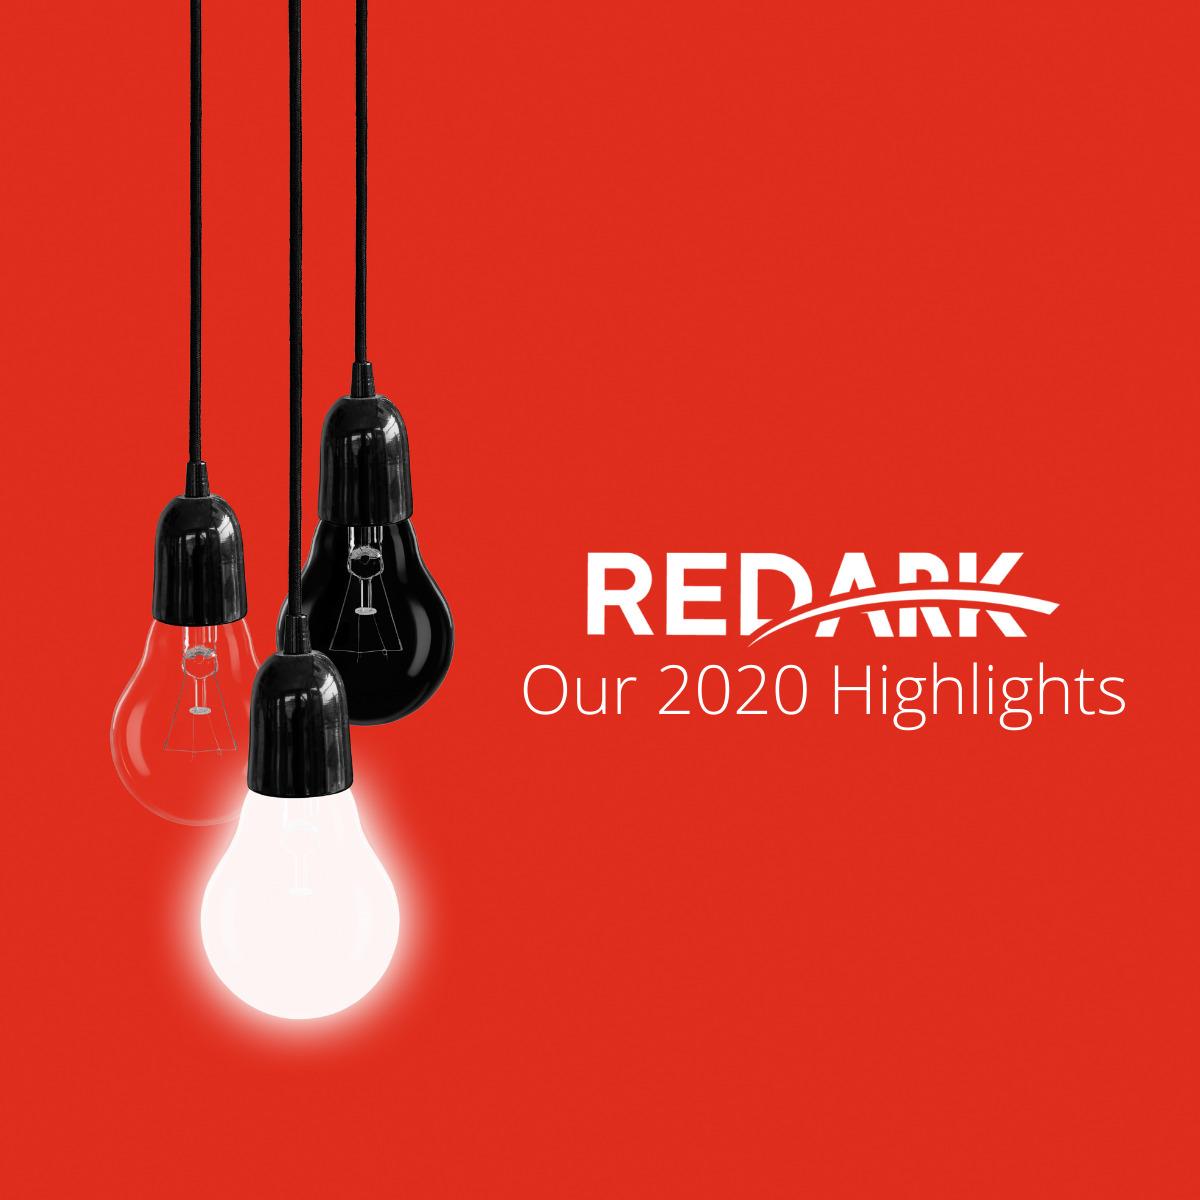 RedArk 2020 Highlights